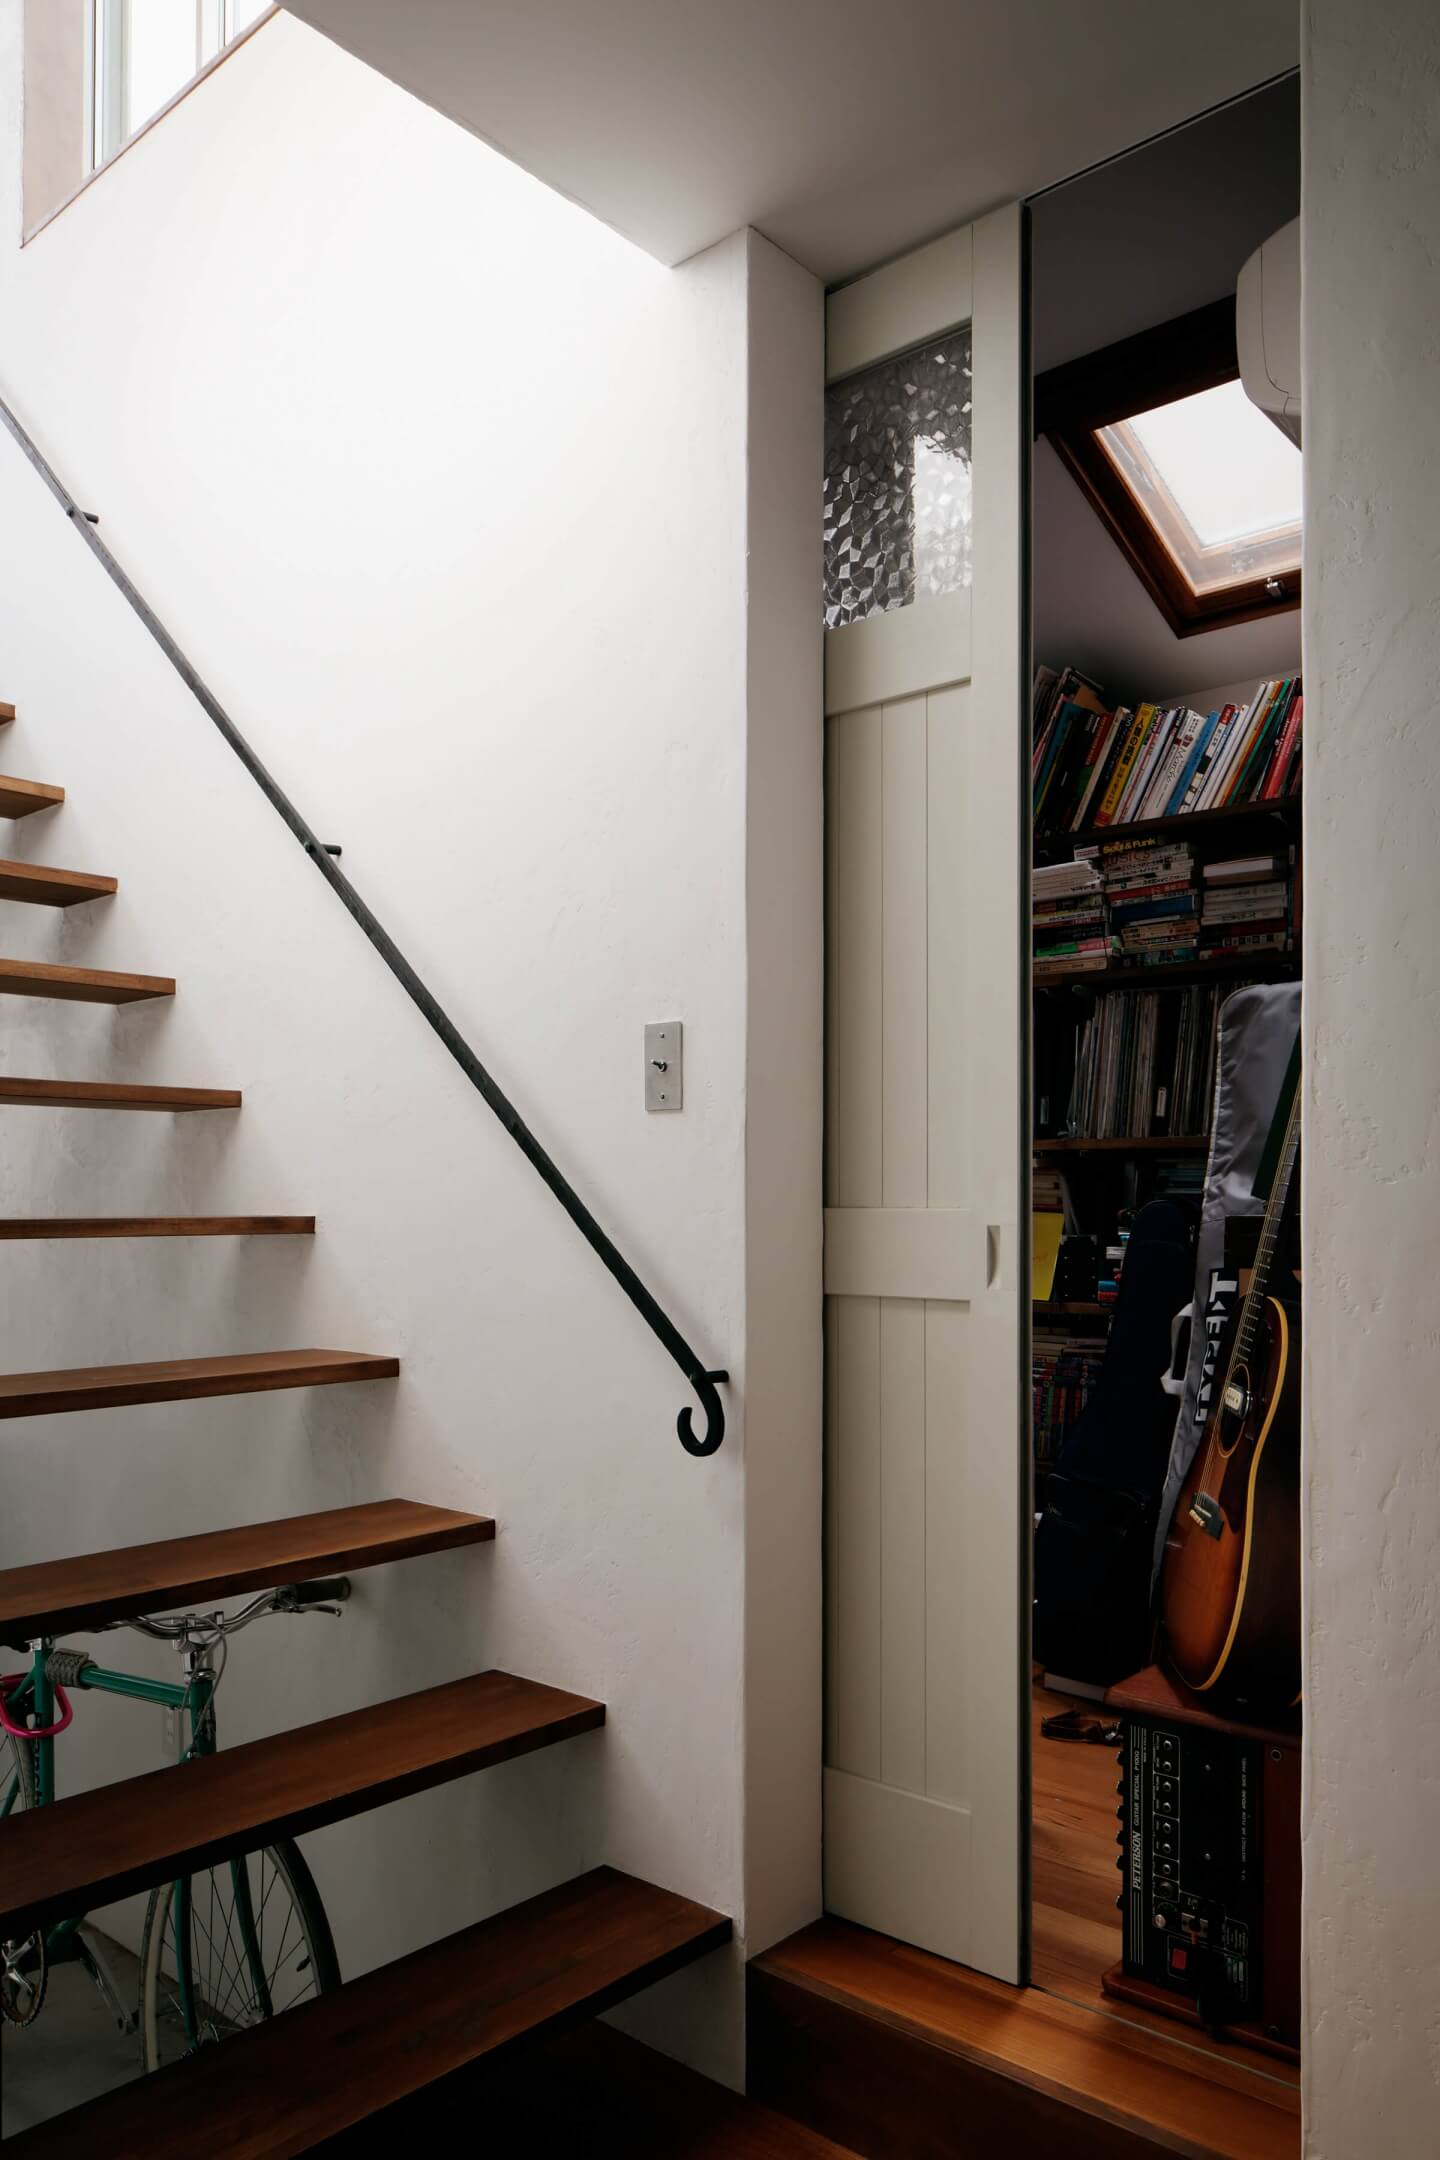 吉祥寺の住宅の階段横の収納スペース